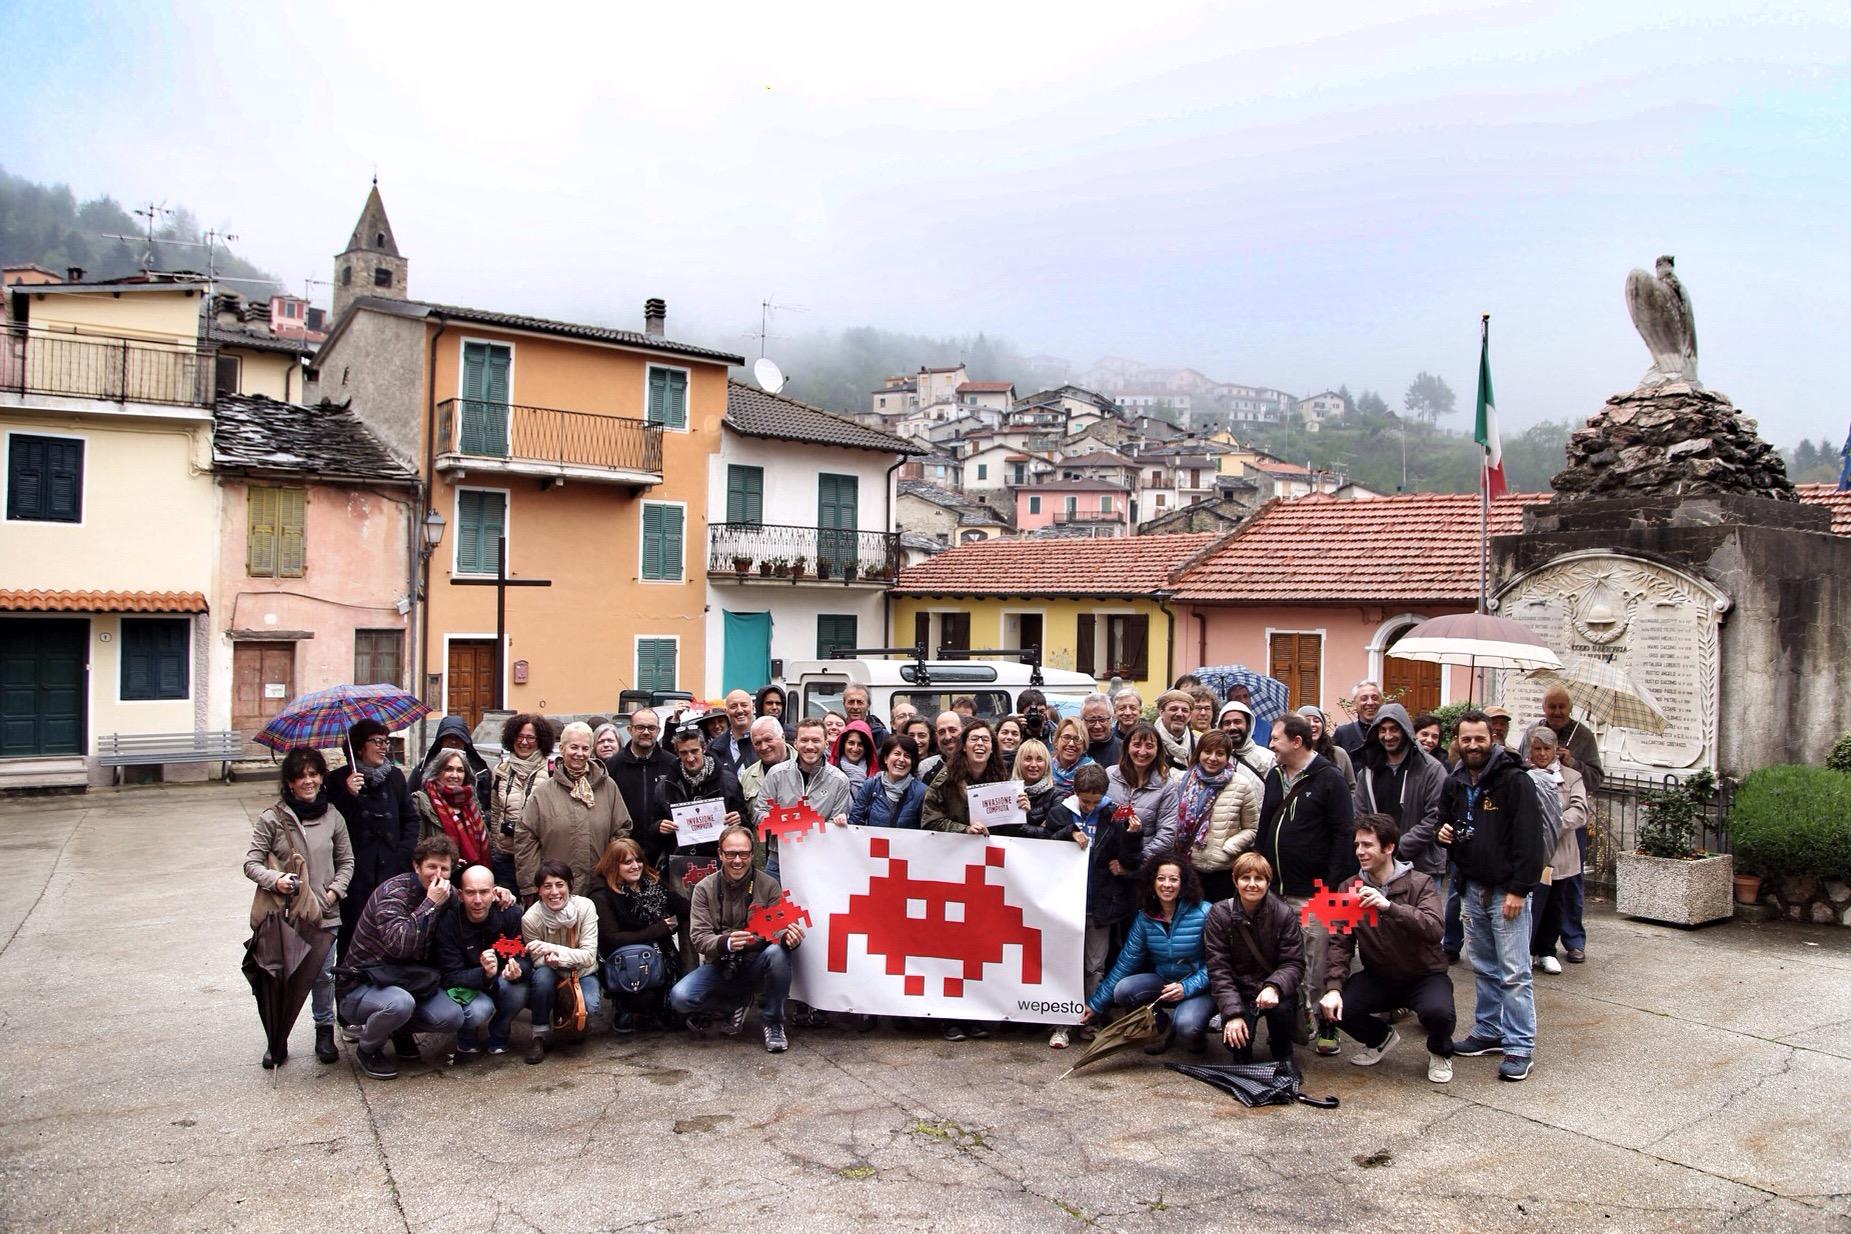 Il gruppo di invasori al termine dell'invasione di Cosio d'Arroscia